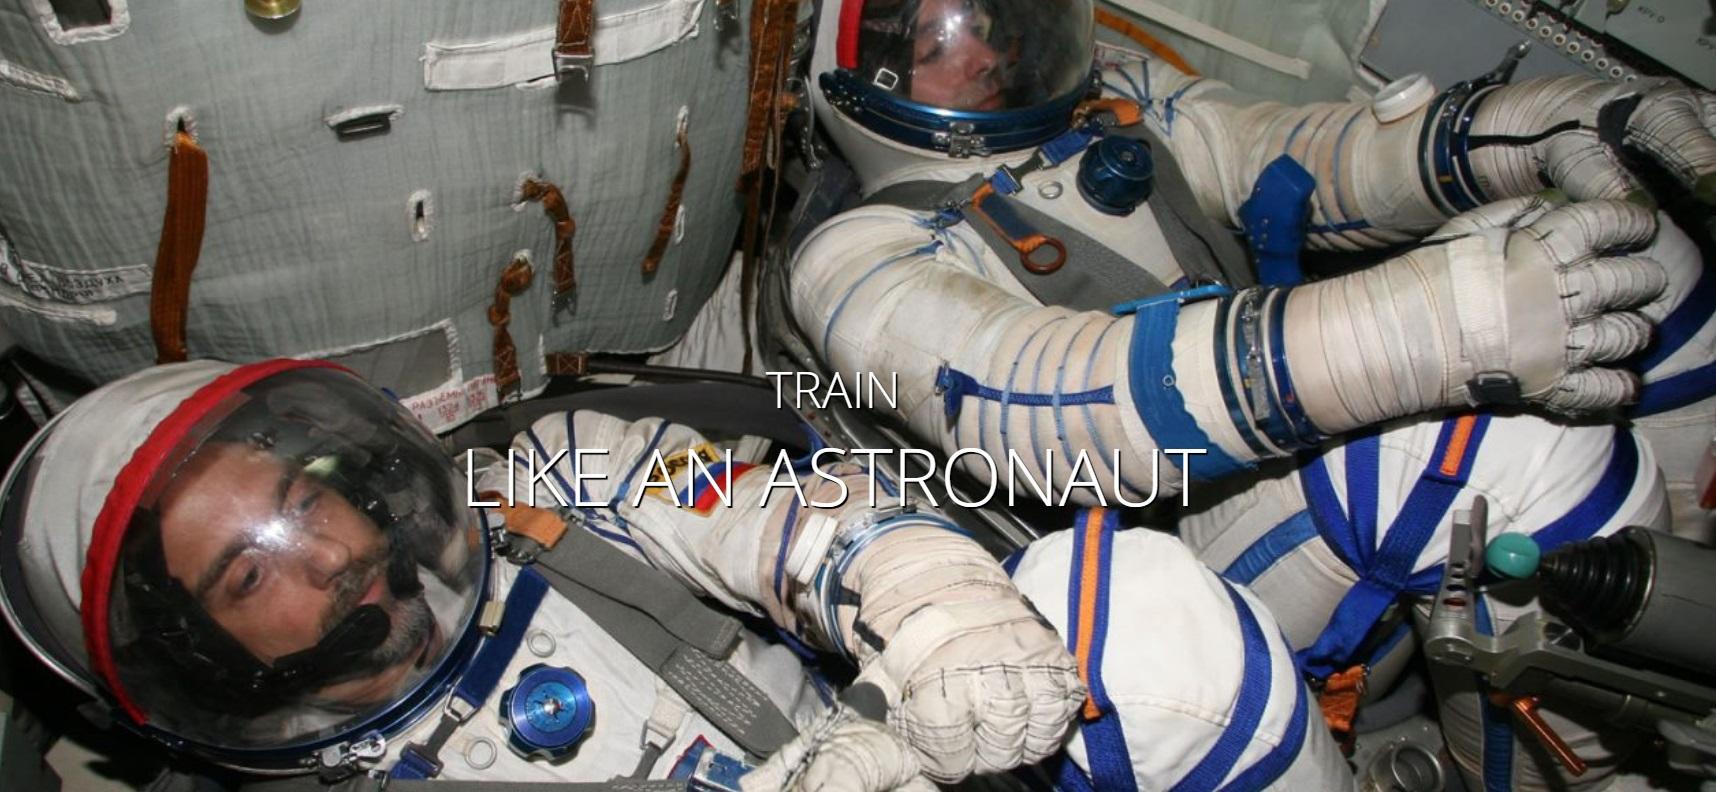 entrainement touriste de l'espace